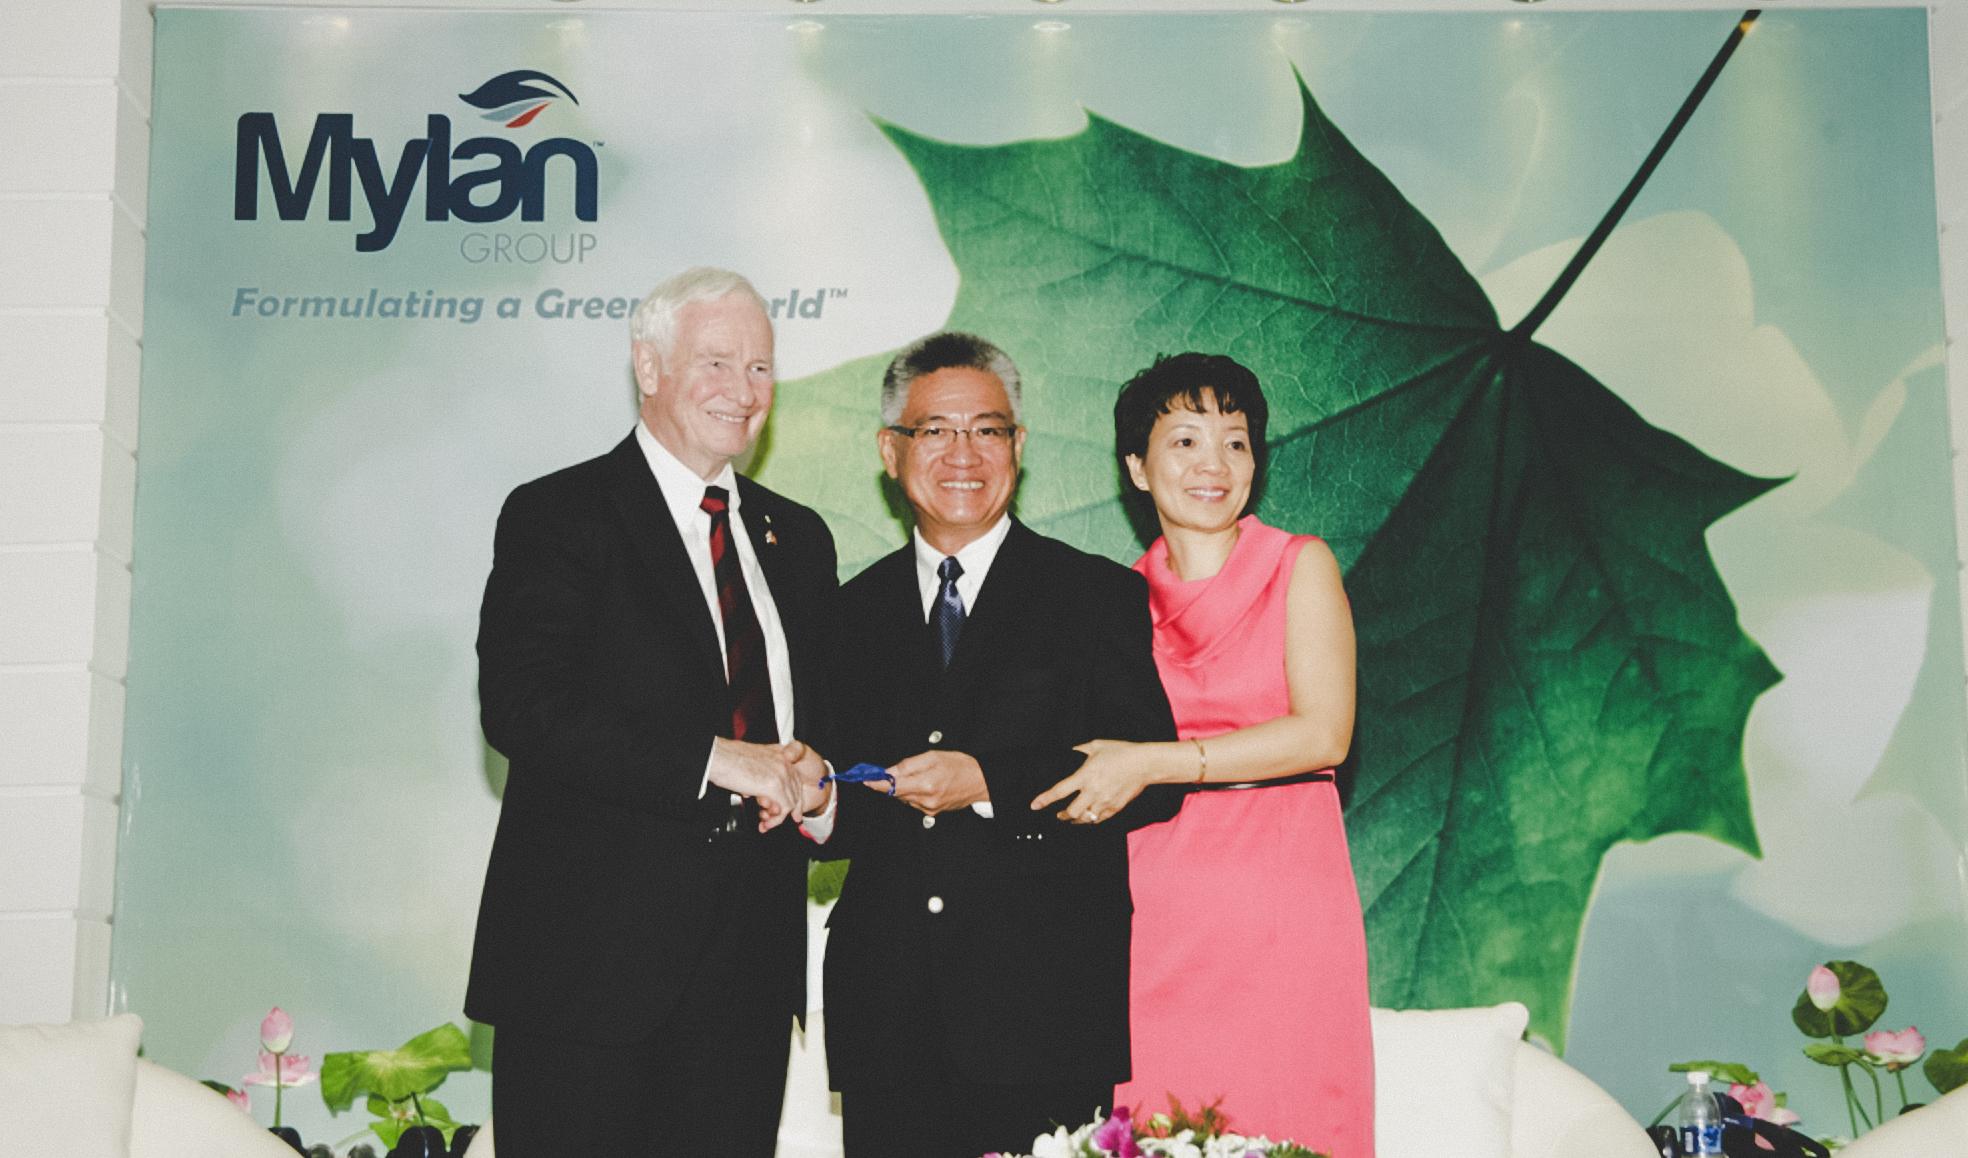 Chuyện ông tiến sĩ Việt kiều sở hữu 200 bằng sáng chế về nước và kế hoạch khởi nghiệp tuổi 60: - Ảnh 4.